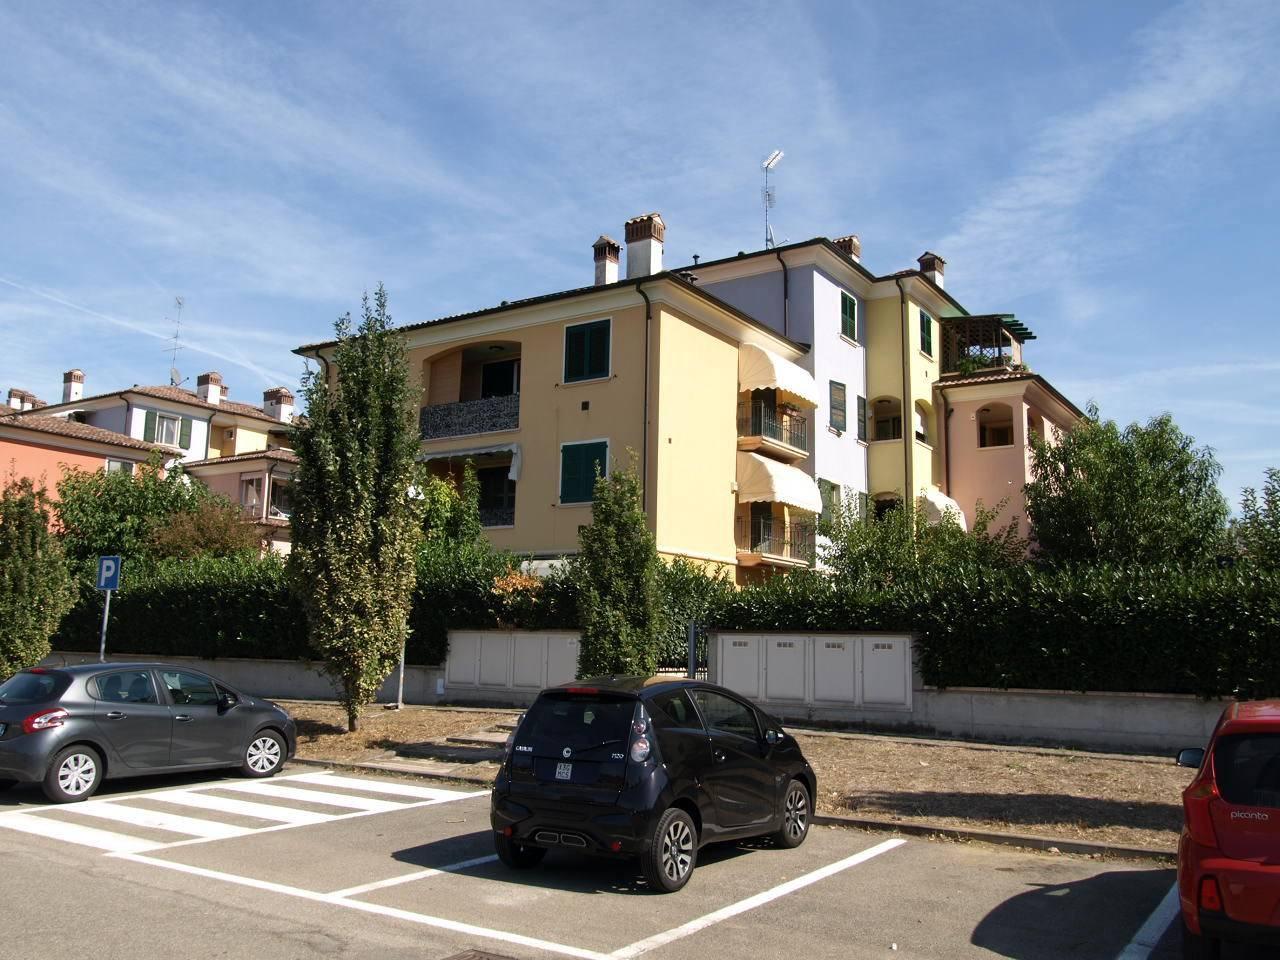 Appartamento in vendita a Vignola, 4 locali, prezzo € 179.000 | PortaleAgenzieImmobiliari.it